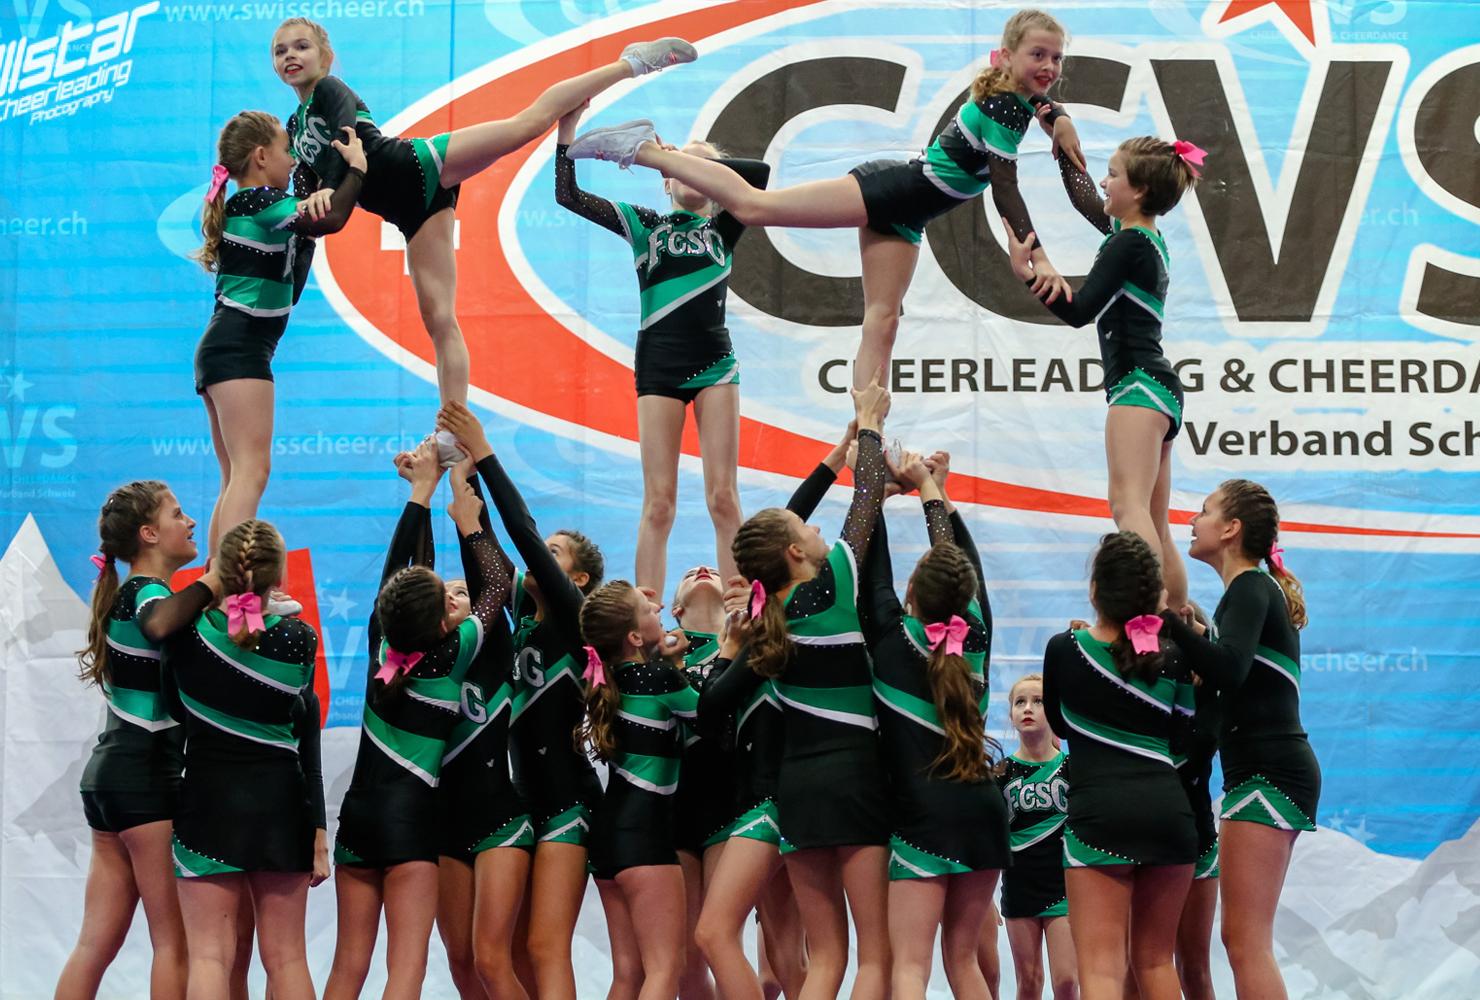 Cheerleader Ohne HeuSchen